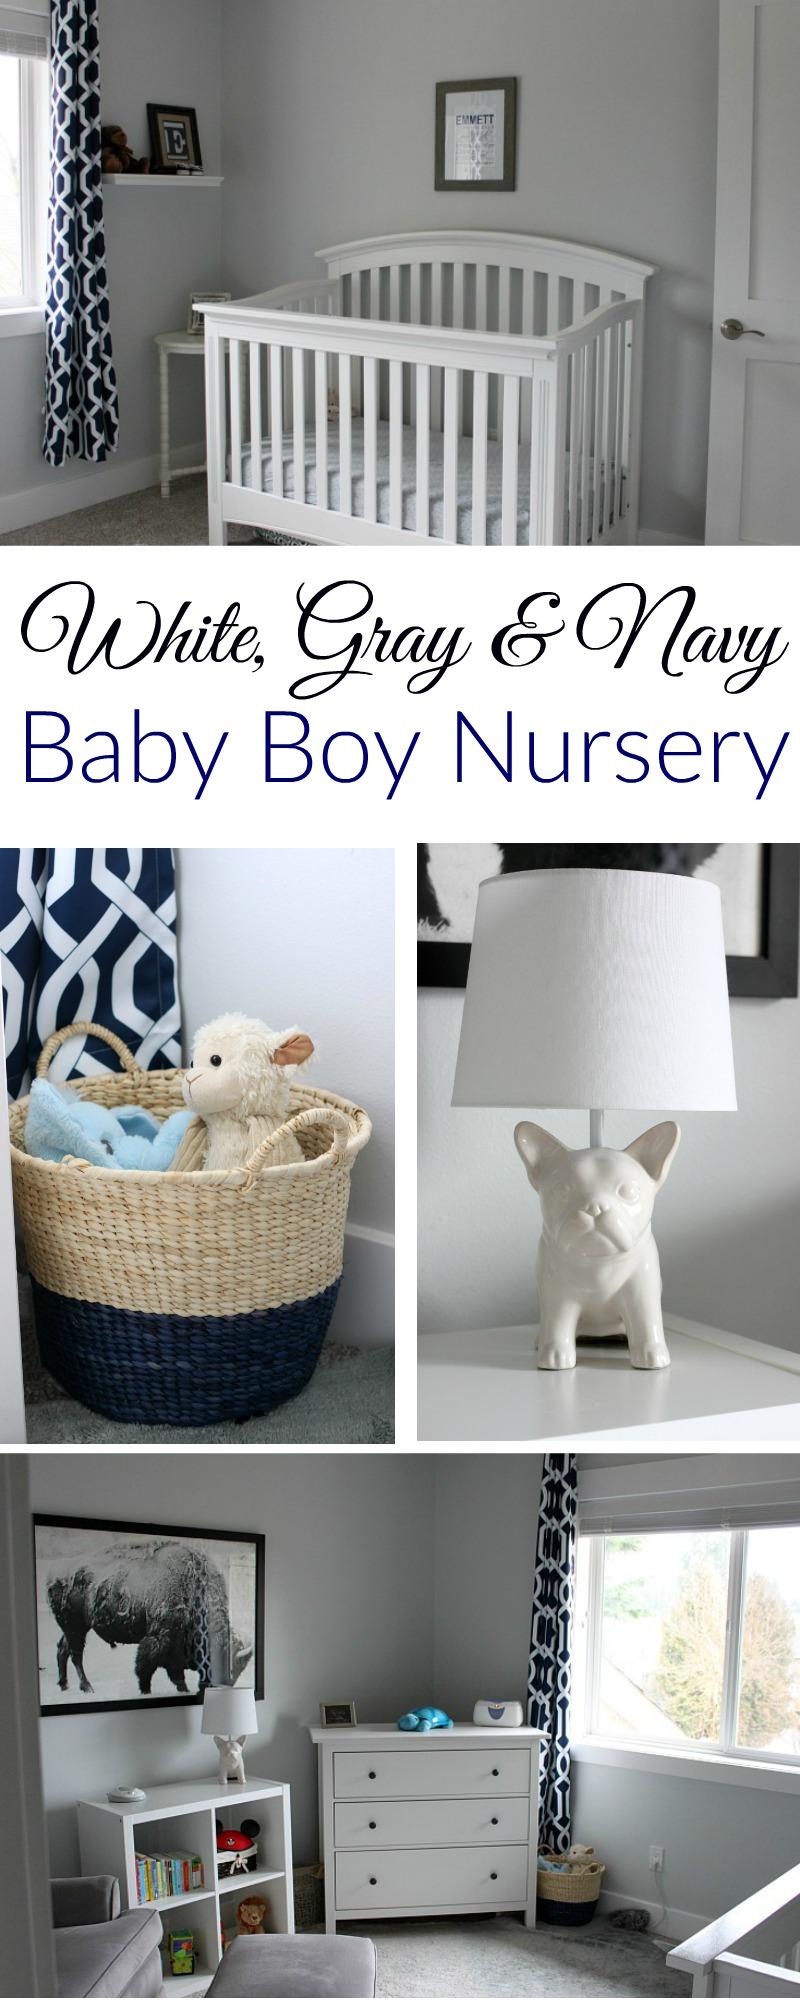 Baby Boy Nursery: EJ's White, Gray And Navy Baby Boy Nursery (finally!)